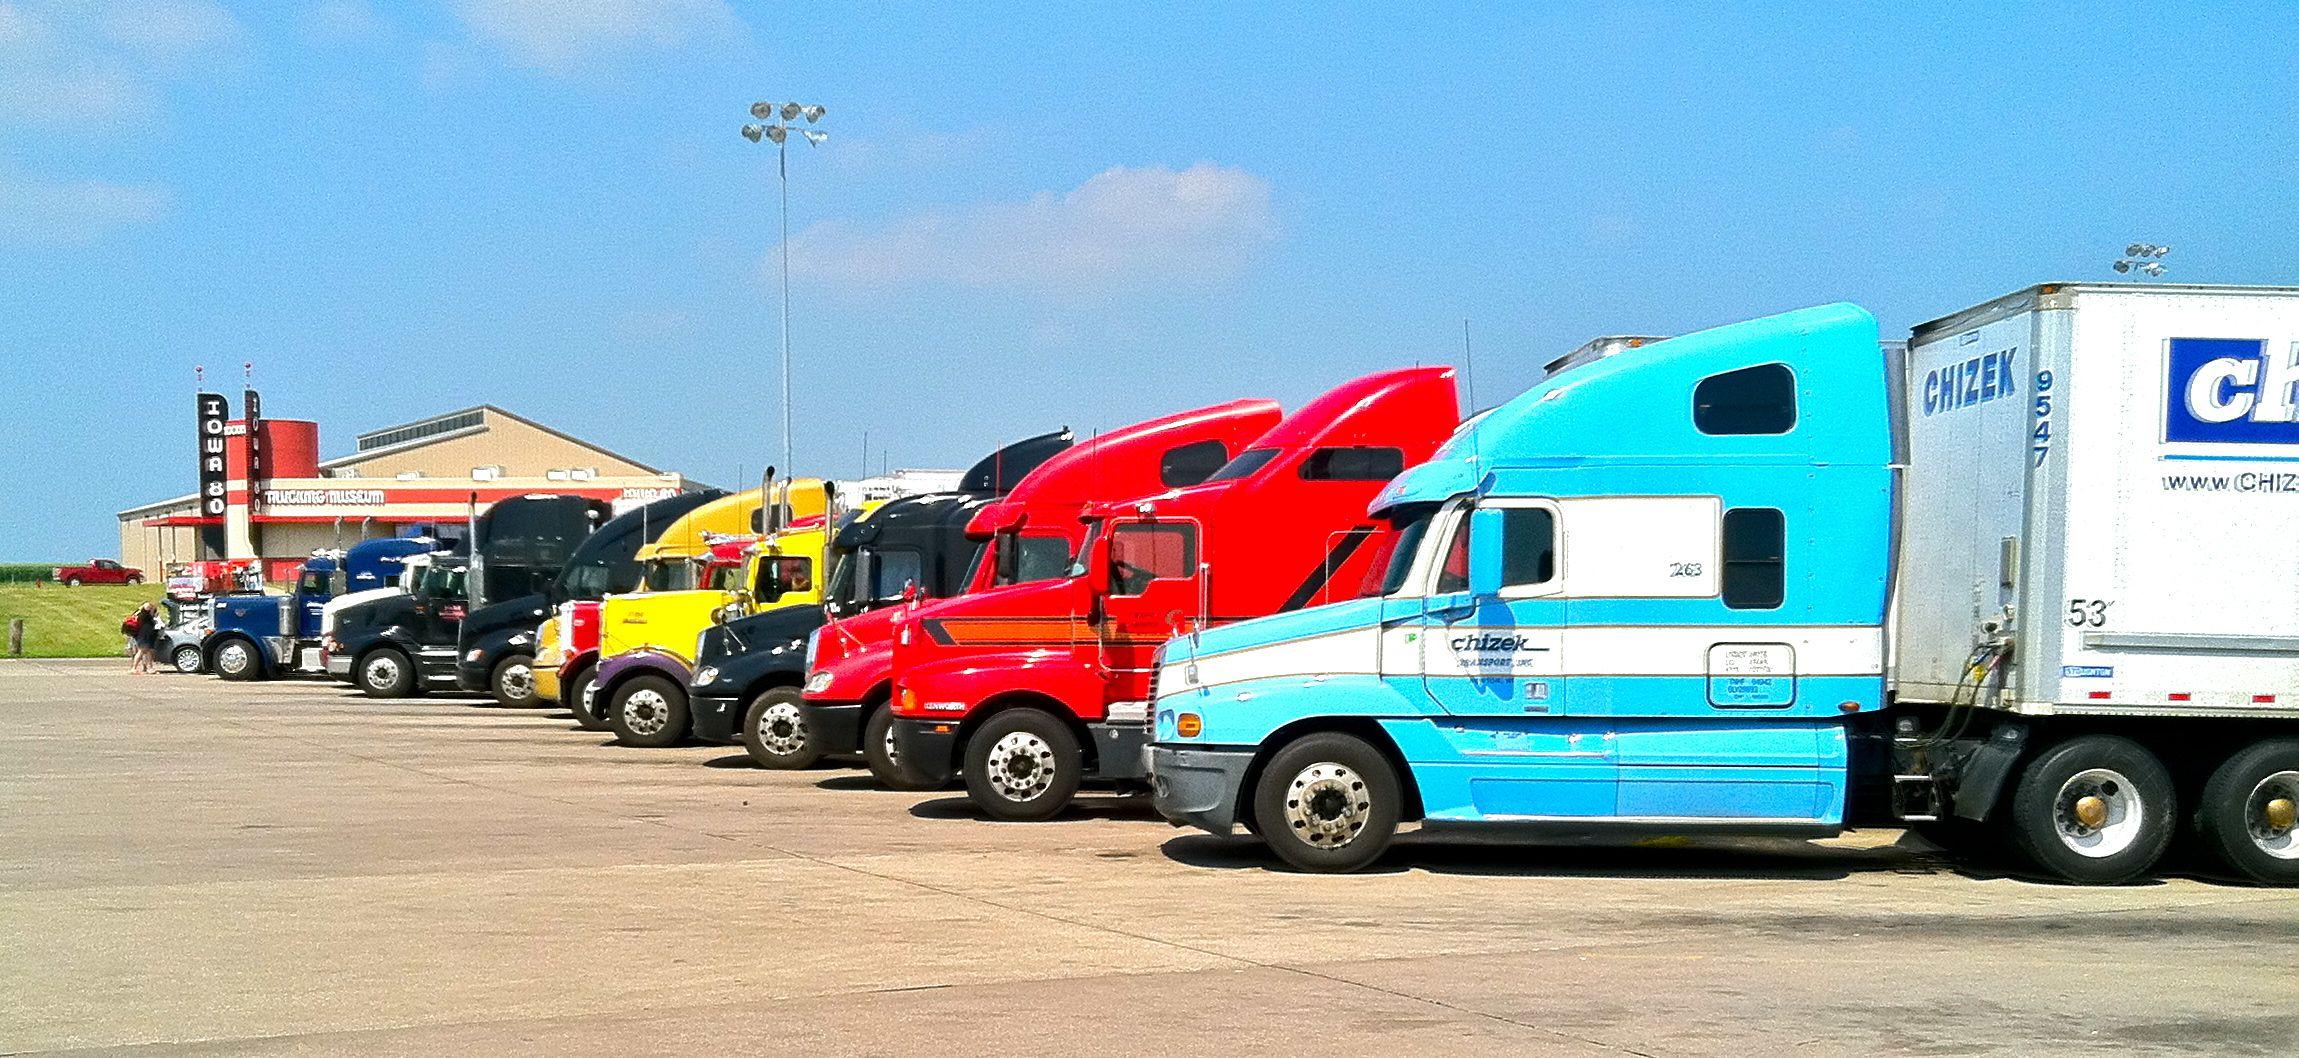 chicago truck parking